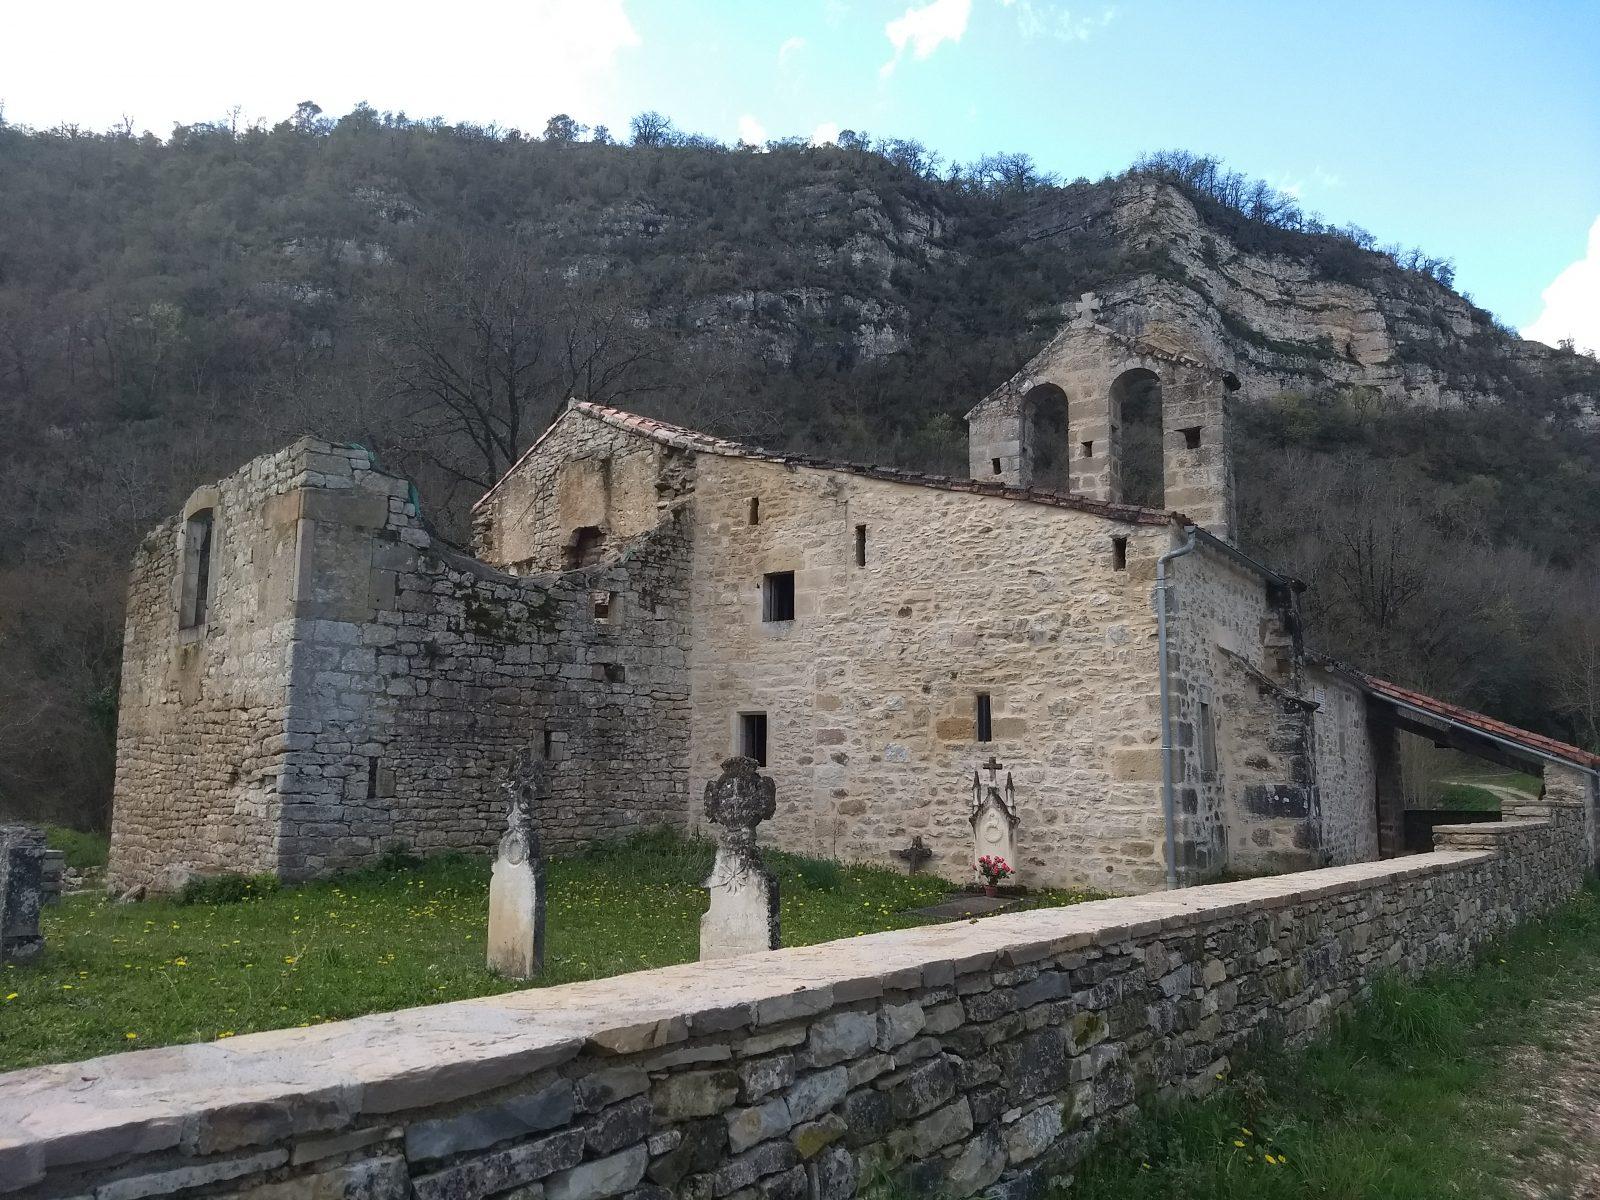 Eglise de larroque